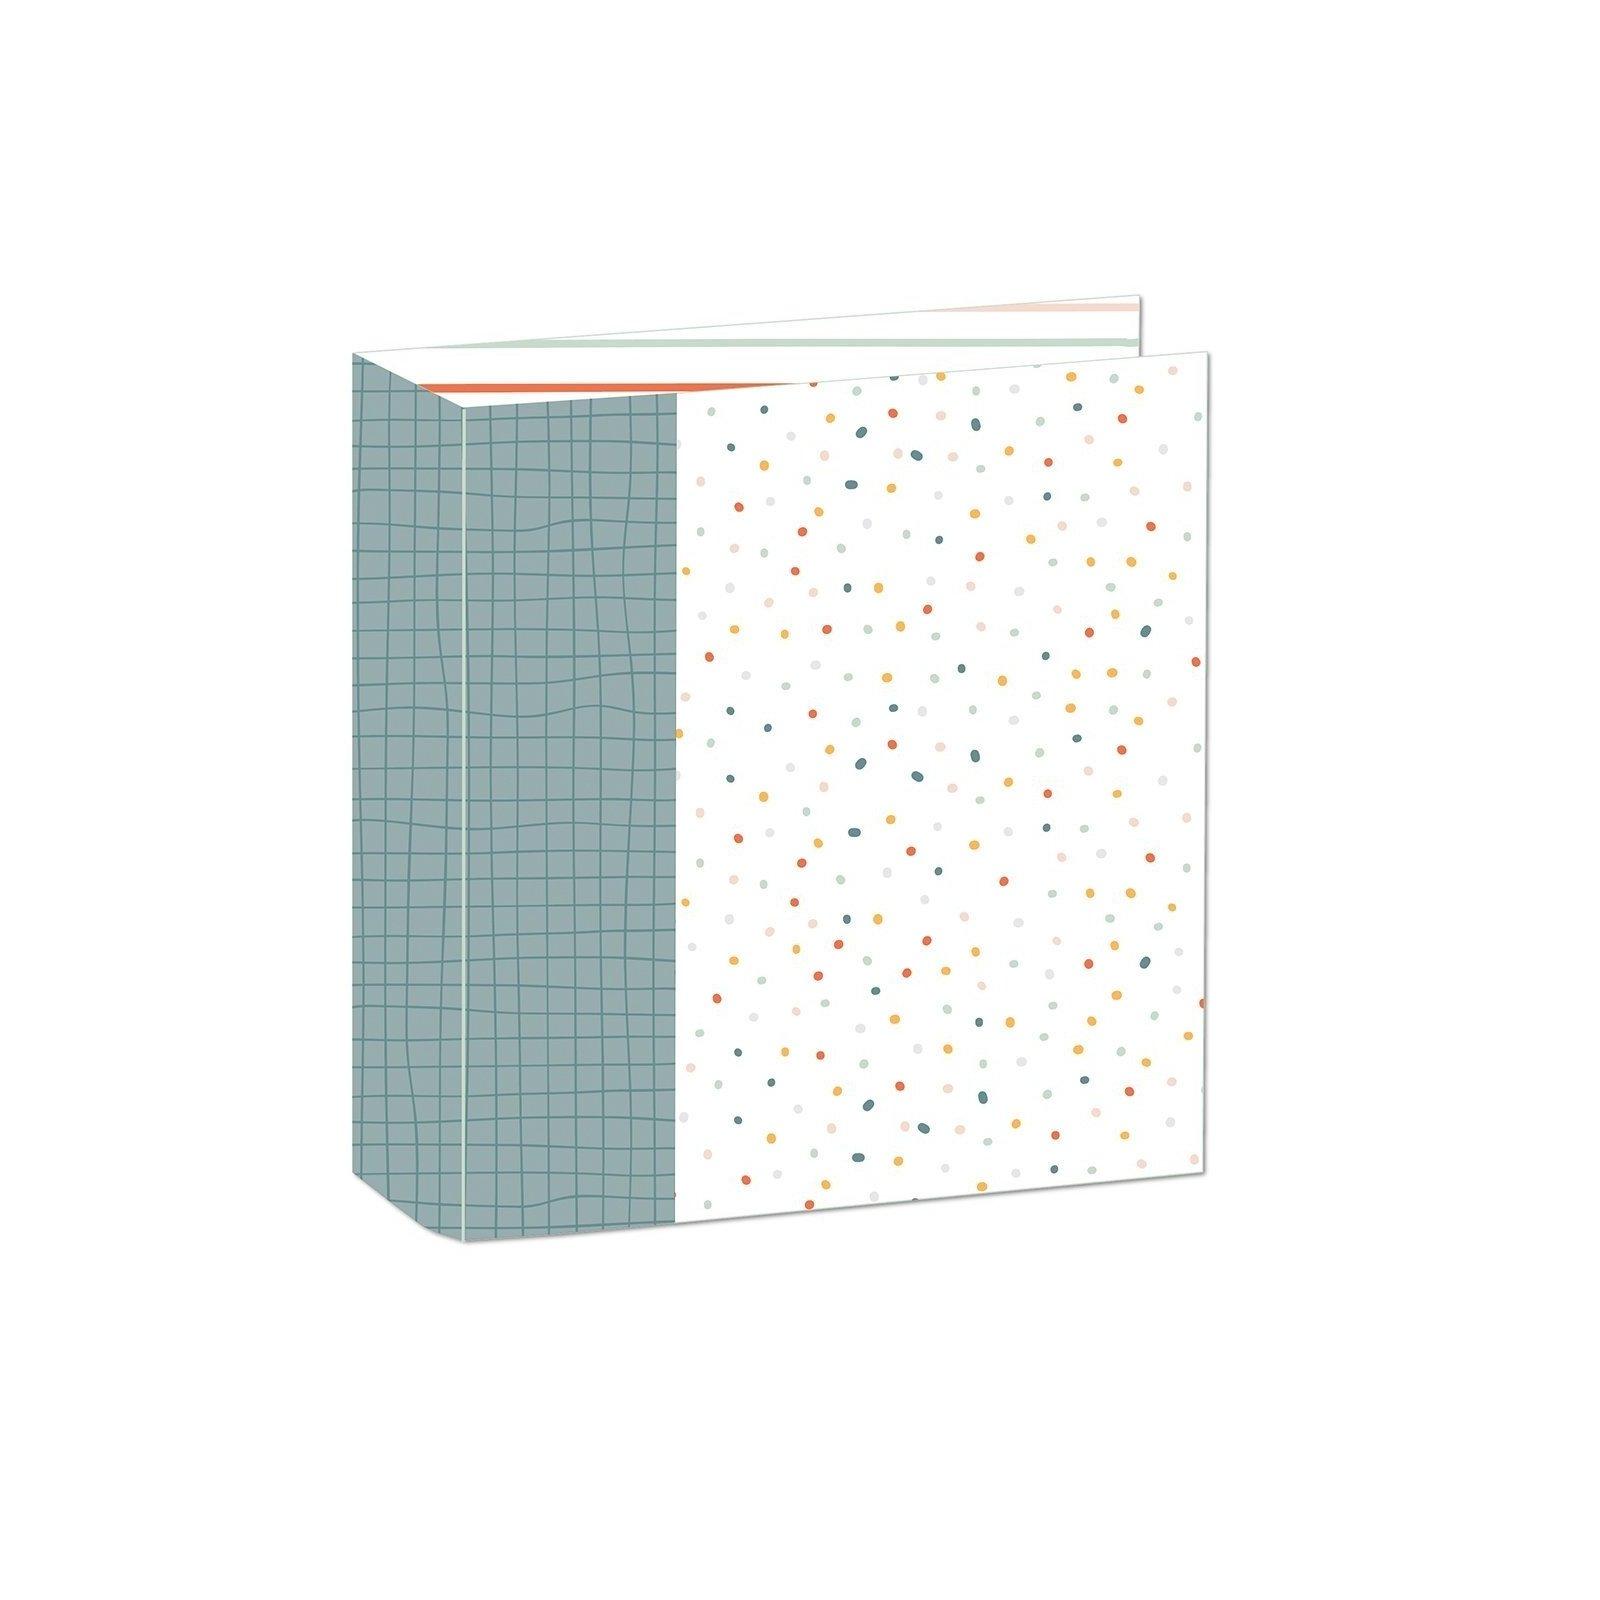 Album 23 x 30 - Little dots - Cocoloko